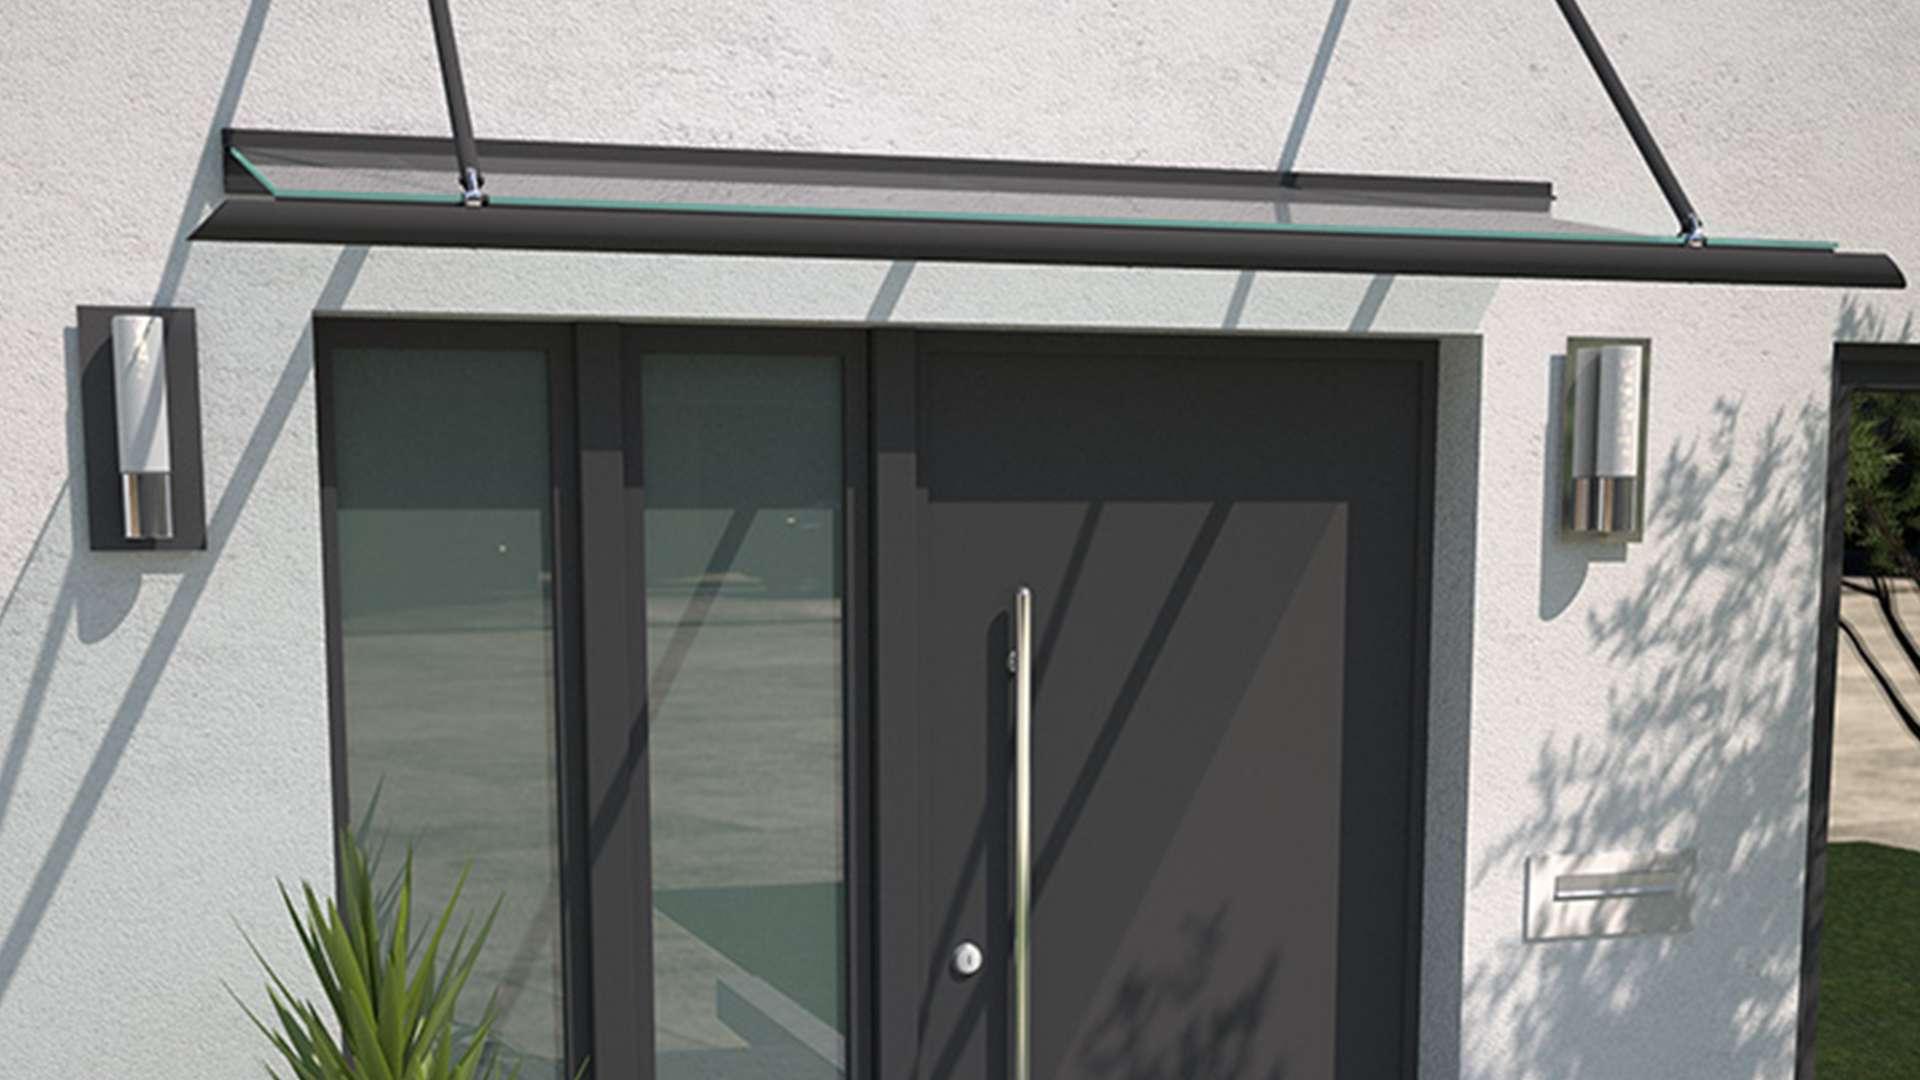 dunkelbraune Haustür mit Glas auf der linken Seite in weißer Fassade mit gläsernem Vordach